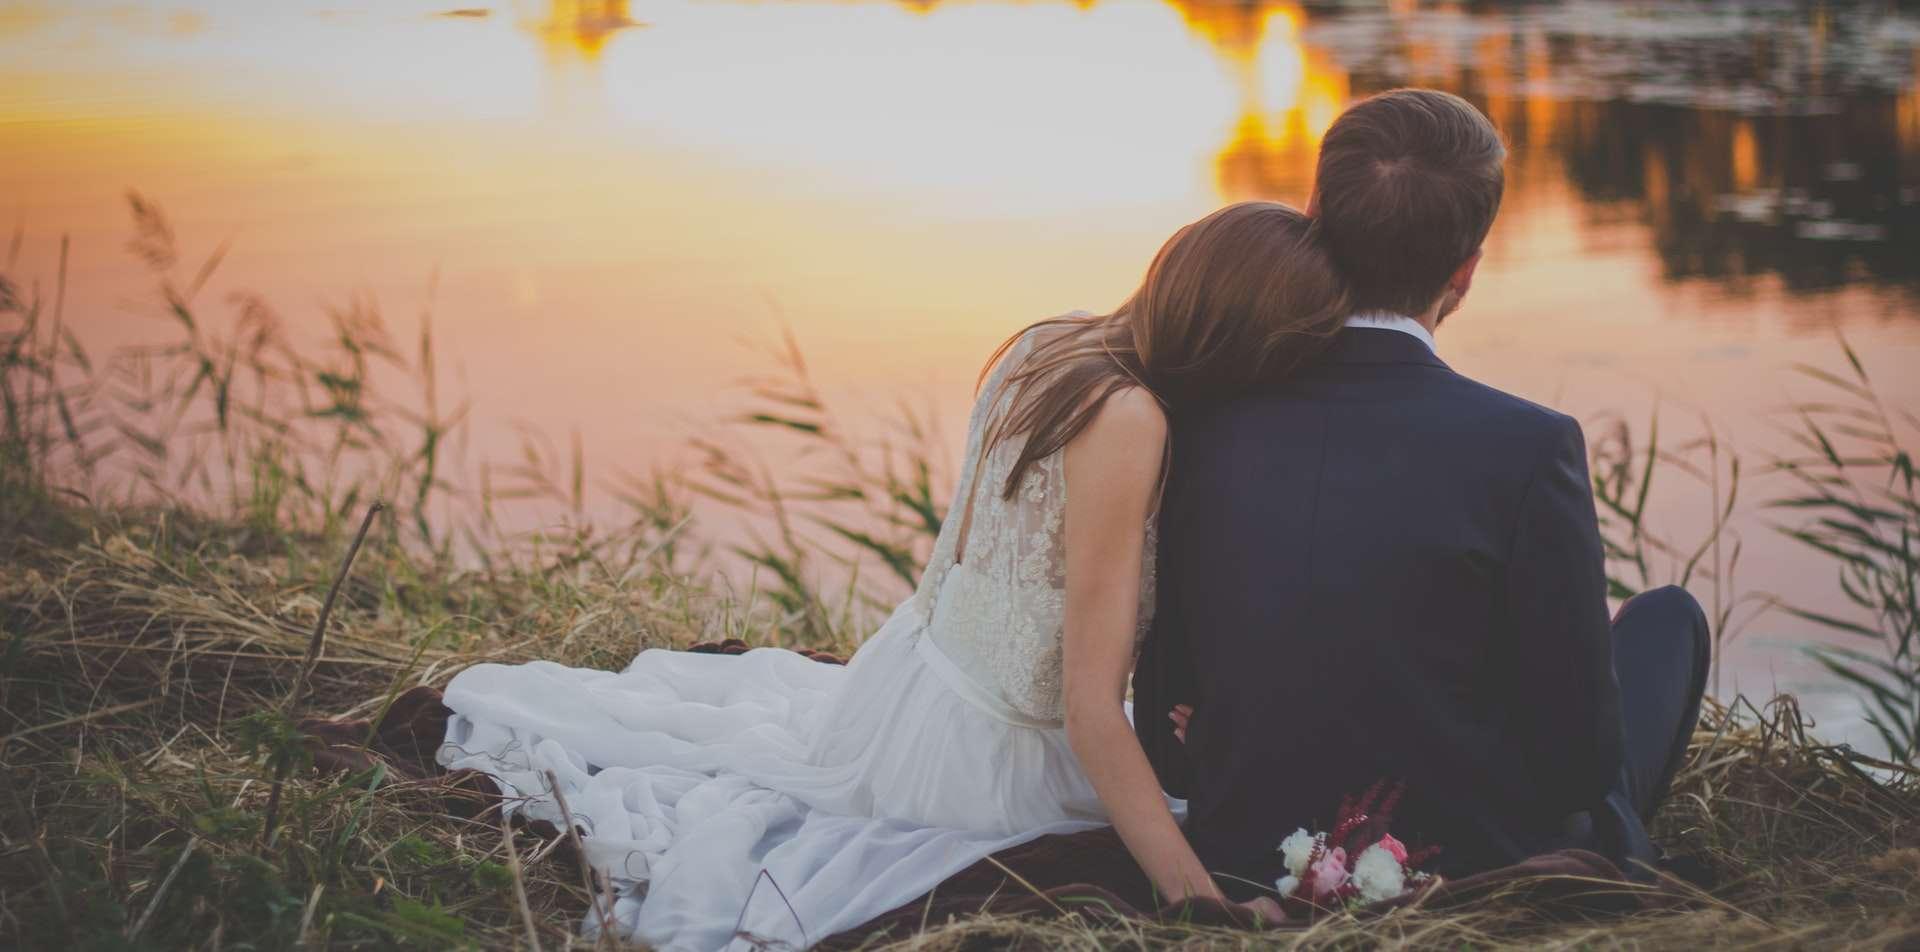 Chyby na e-shopech: ať vztah s Vaším e-shopem neskončí rozvodem!